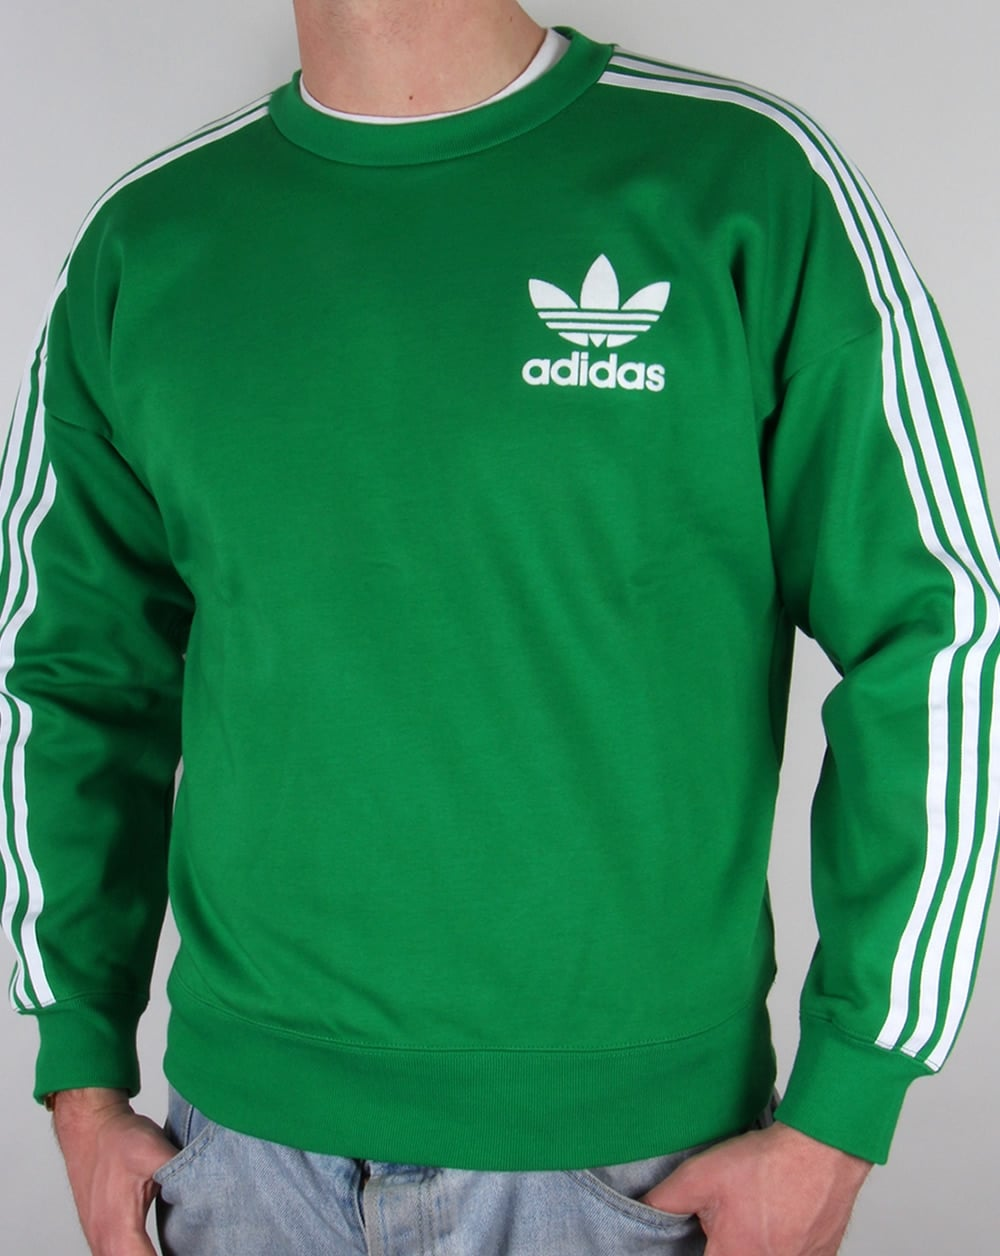 d528016d16d2 adidas Originals Adidas Originals Adicolour Sweatshirt Green White